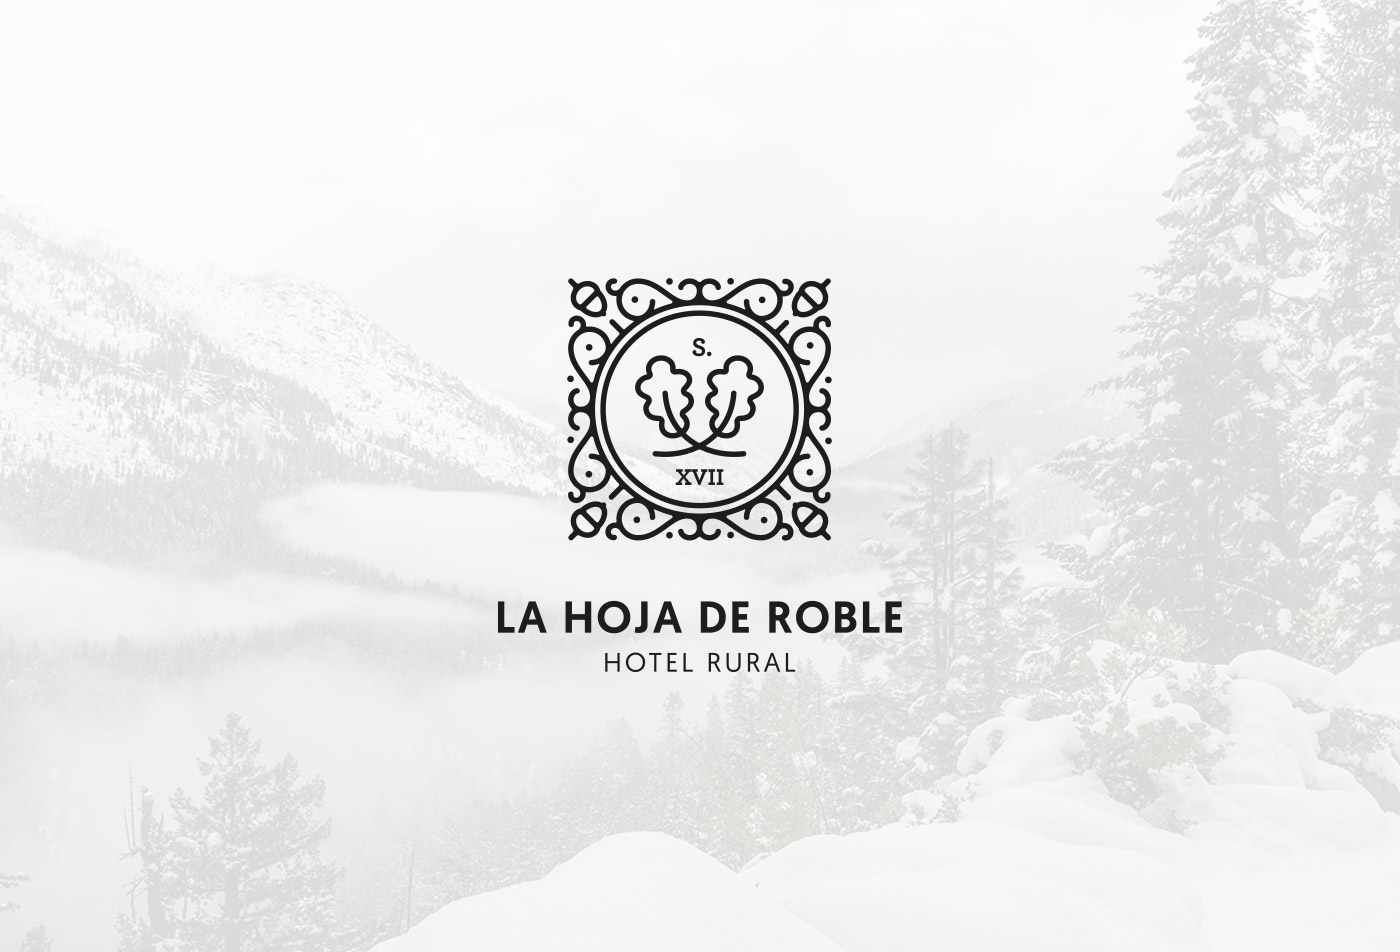 pixelarte-estudio-diseno-grafico-Diseno-logotipo-hotel-rural-002